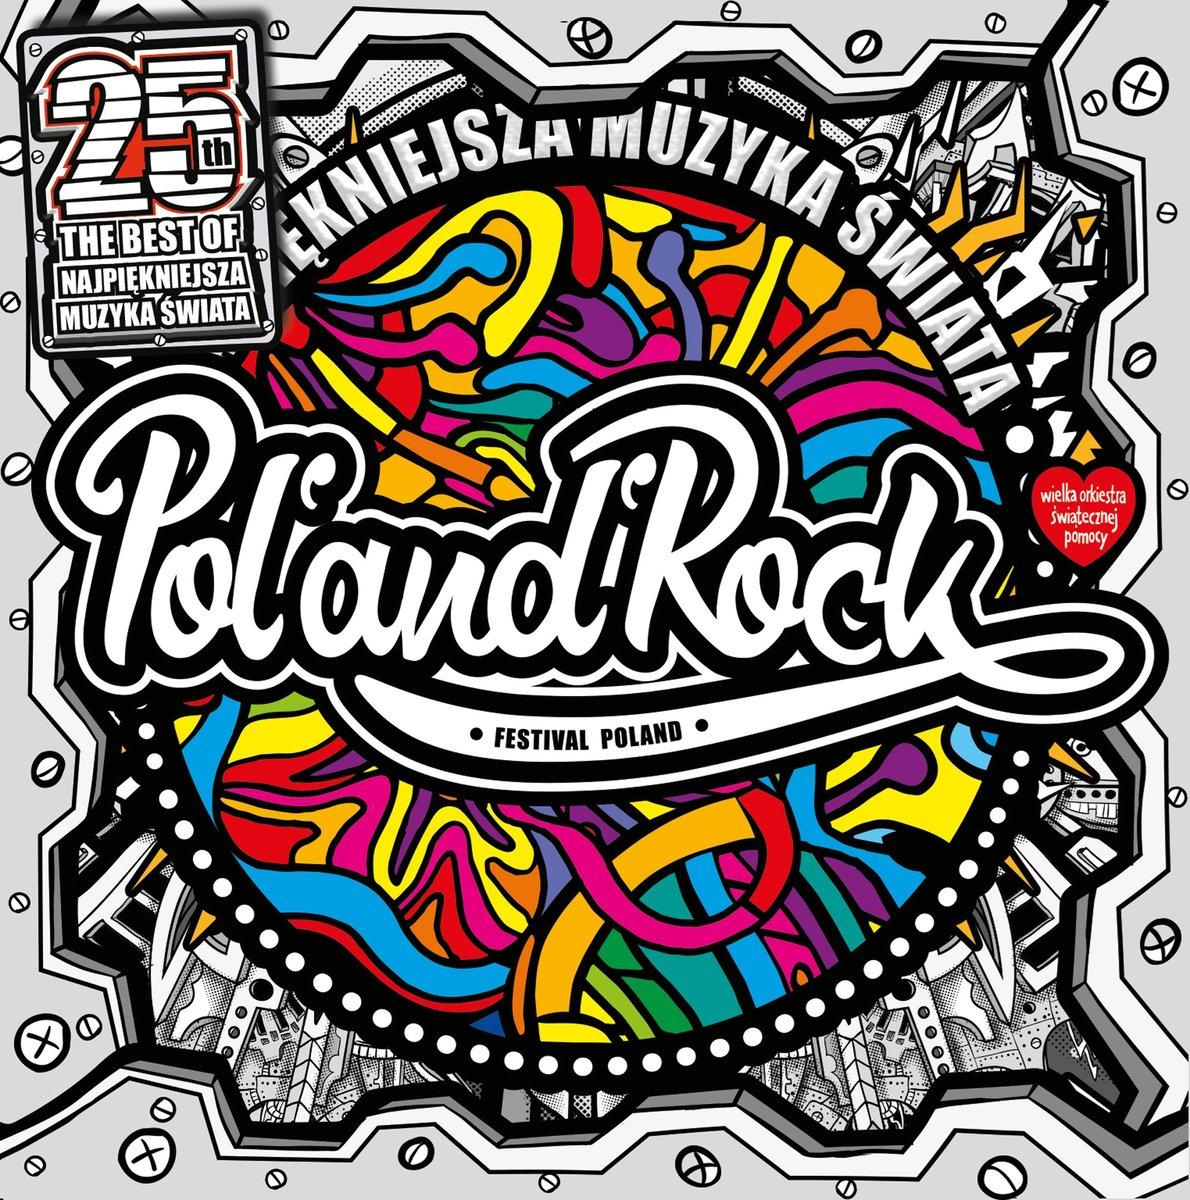 Najpiękniejsza Muzyka świata. Pol'and'Rock Festival